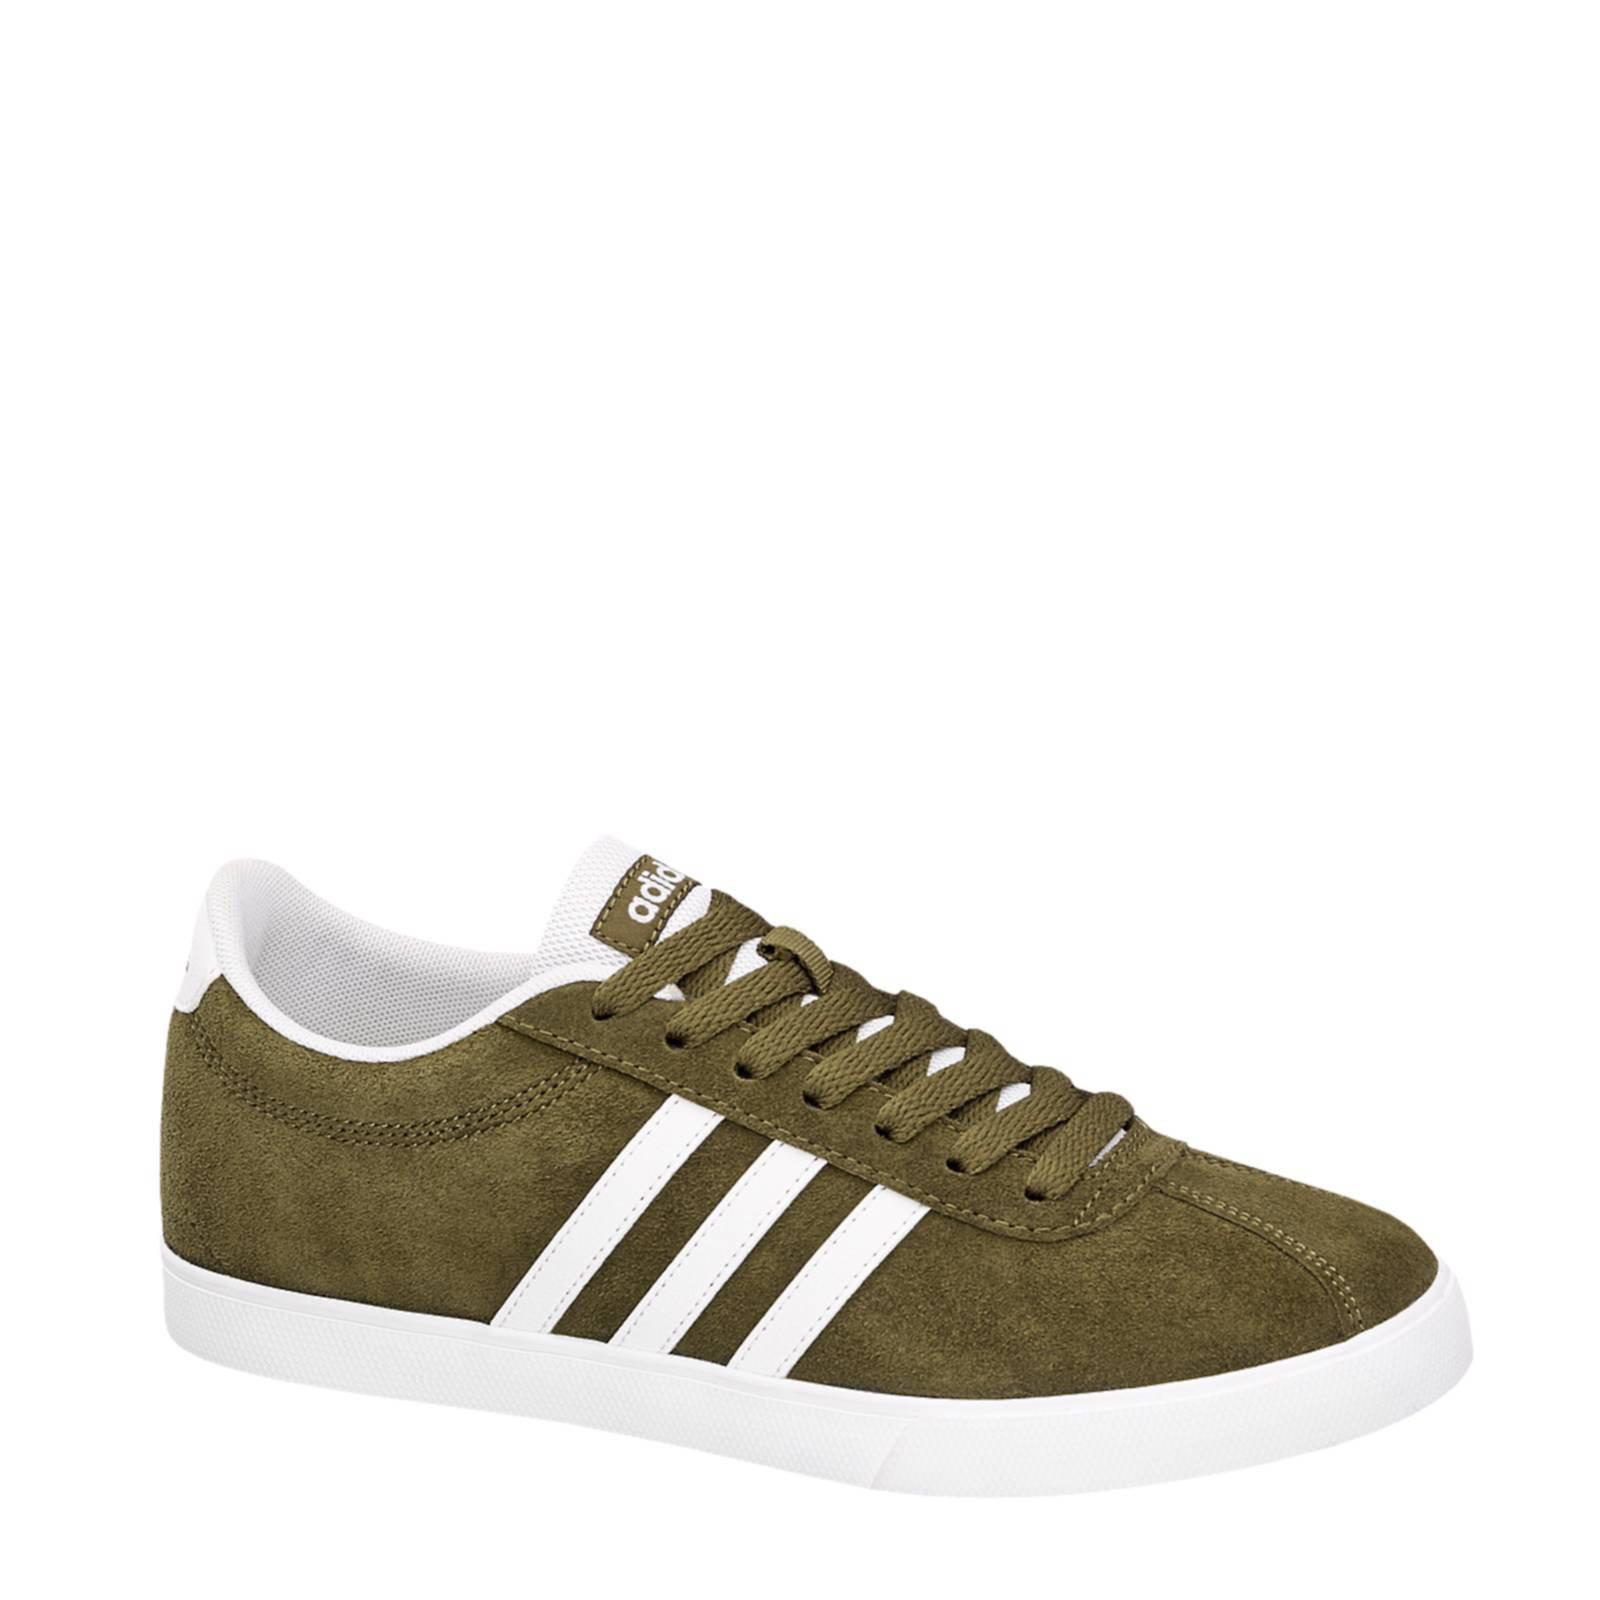 adidas neo sneakers groen